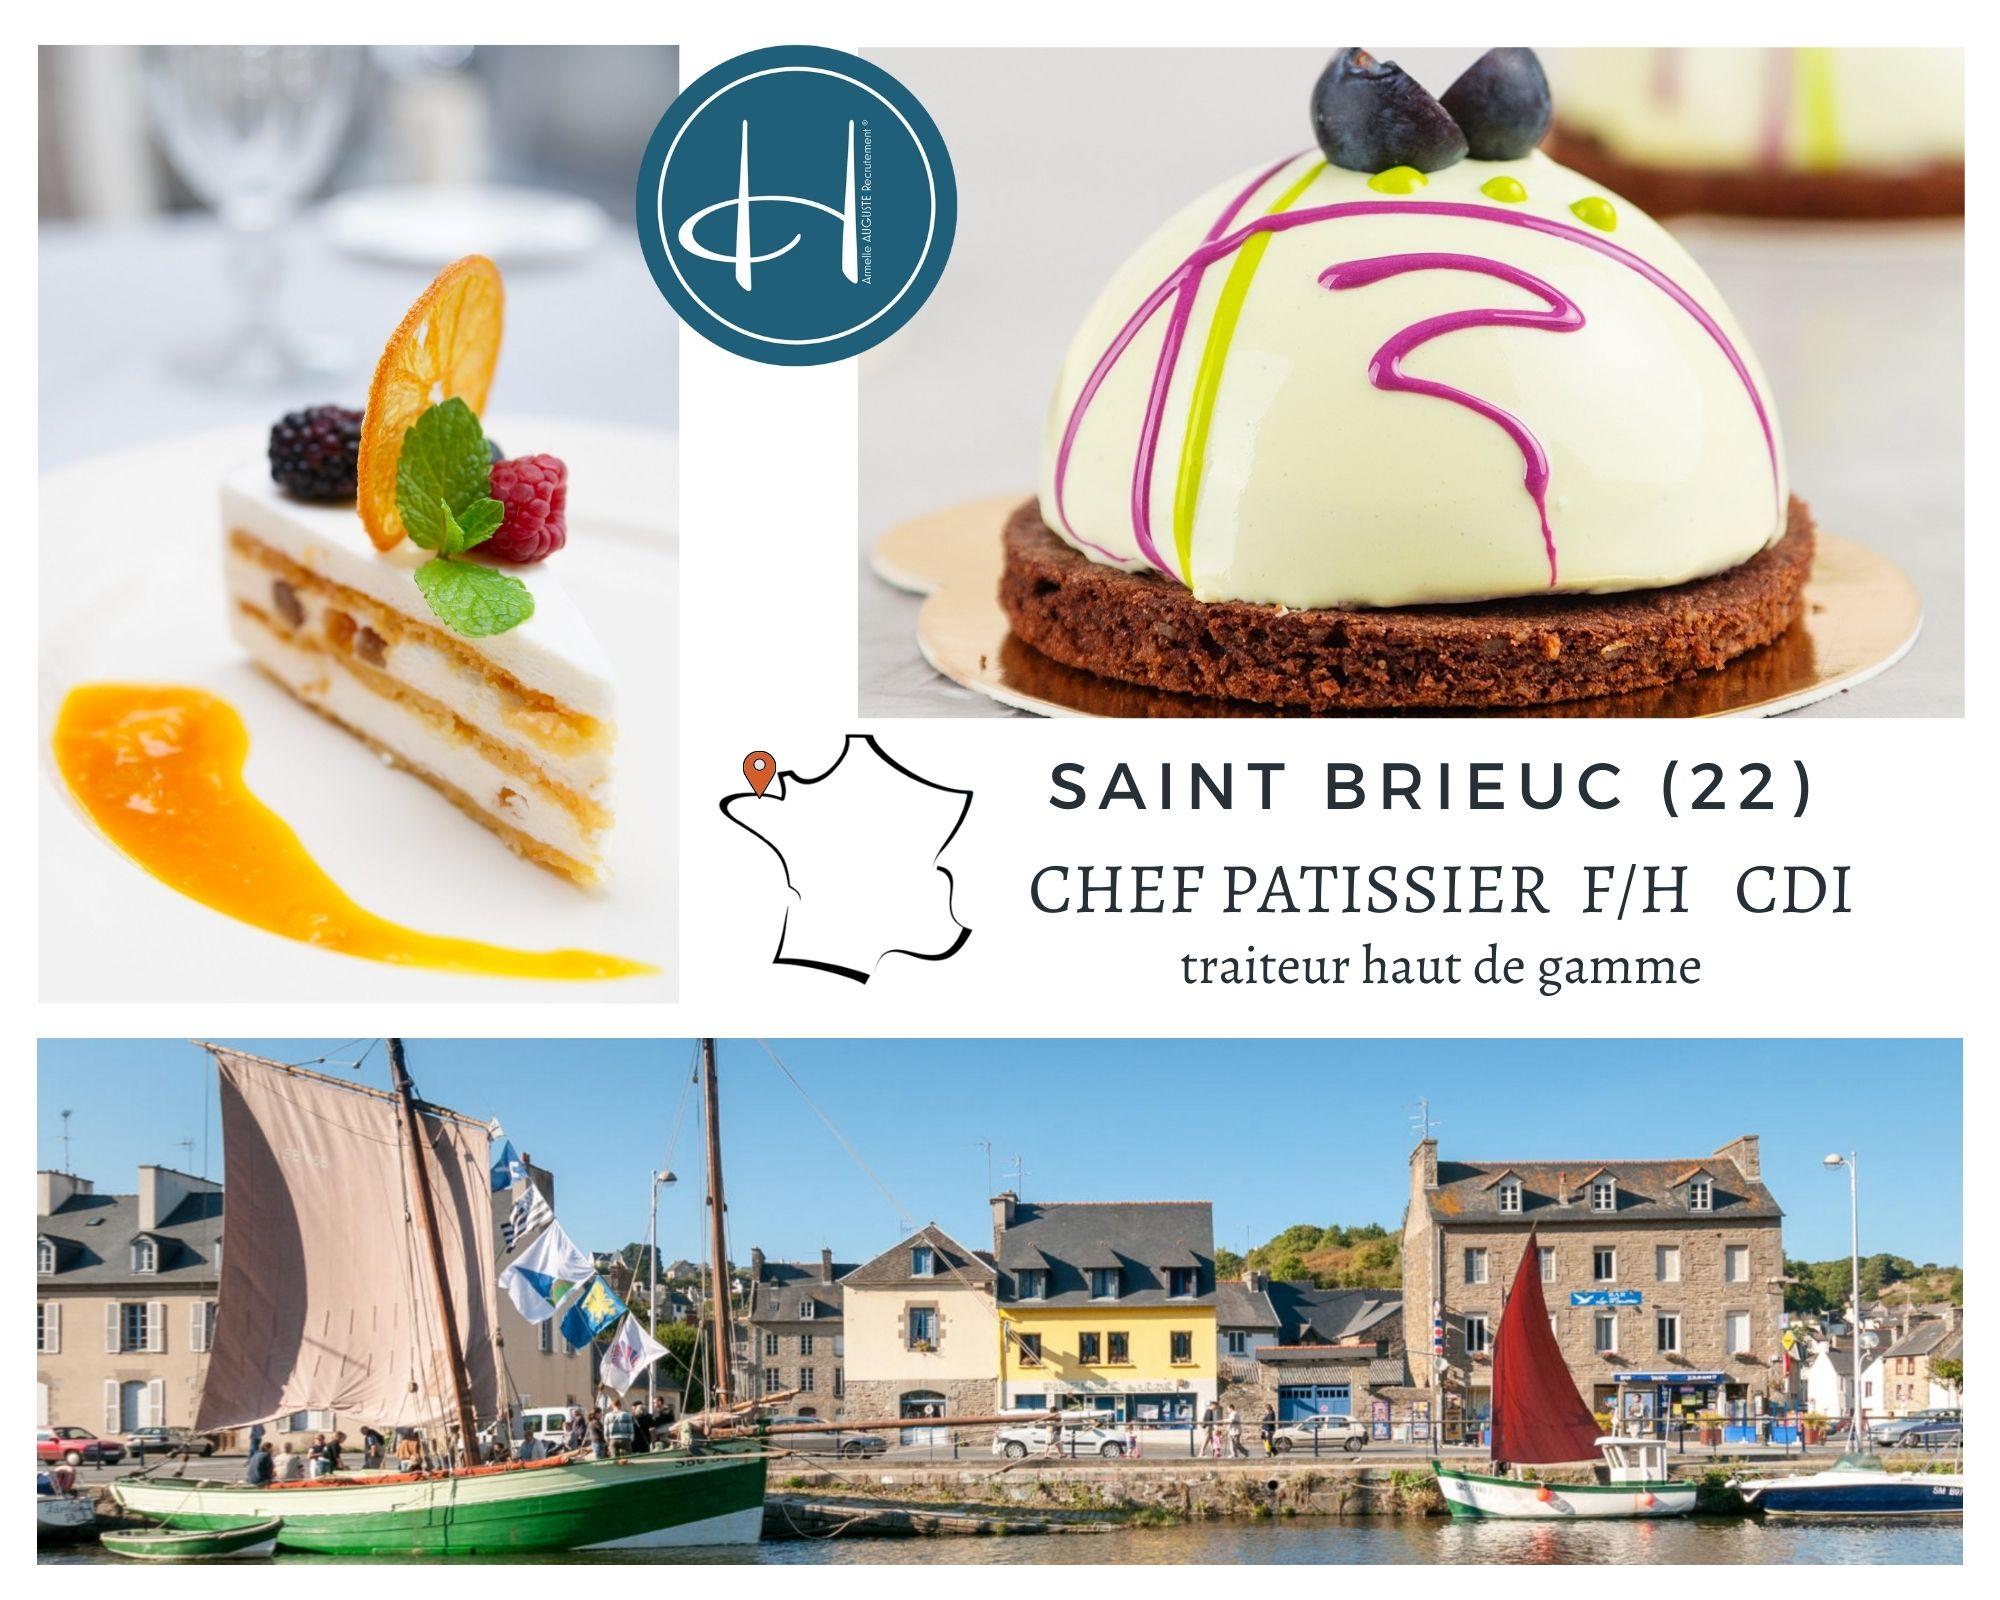 Recrutement: Chef pâtissier traiteur haut de gamme F/H chez Armelle AUGUSTE Recrutement® à Saint-Brieuc